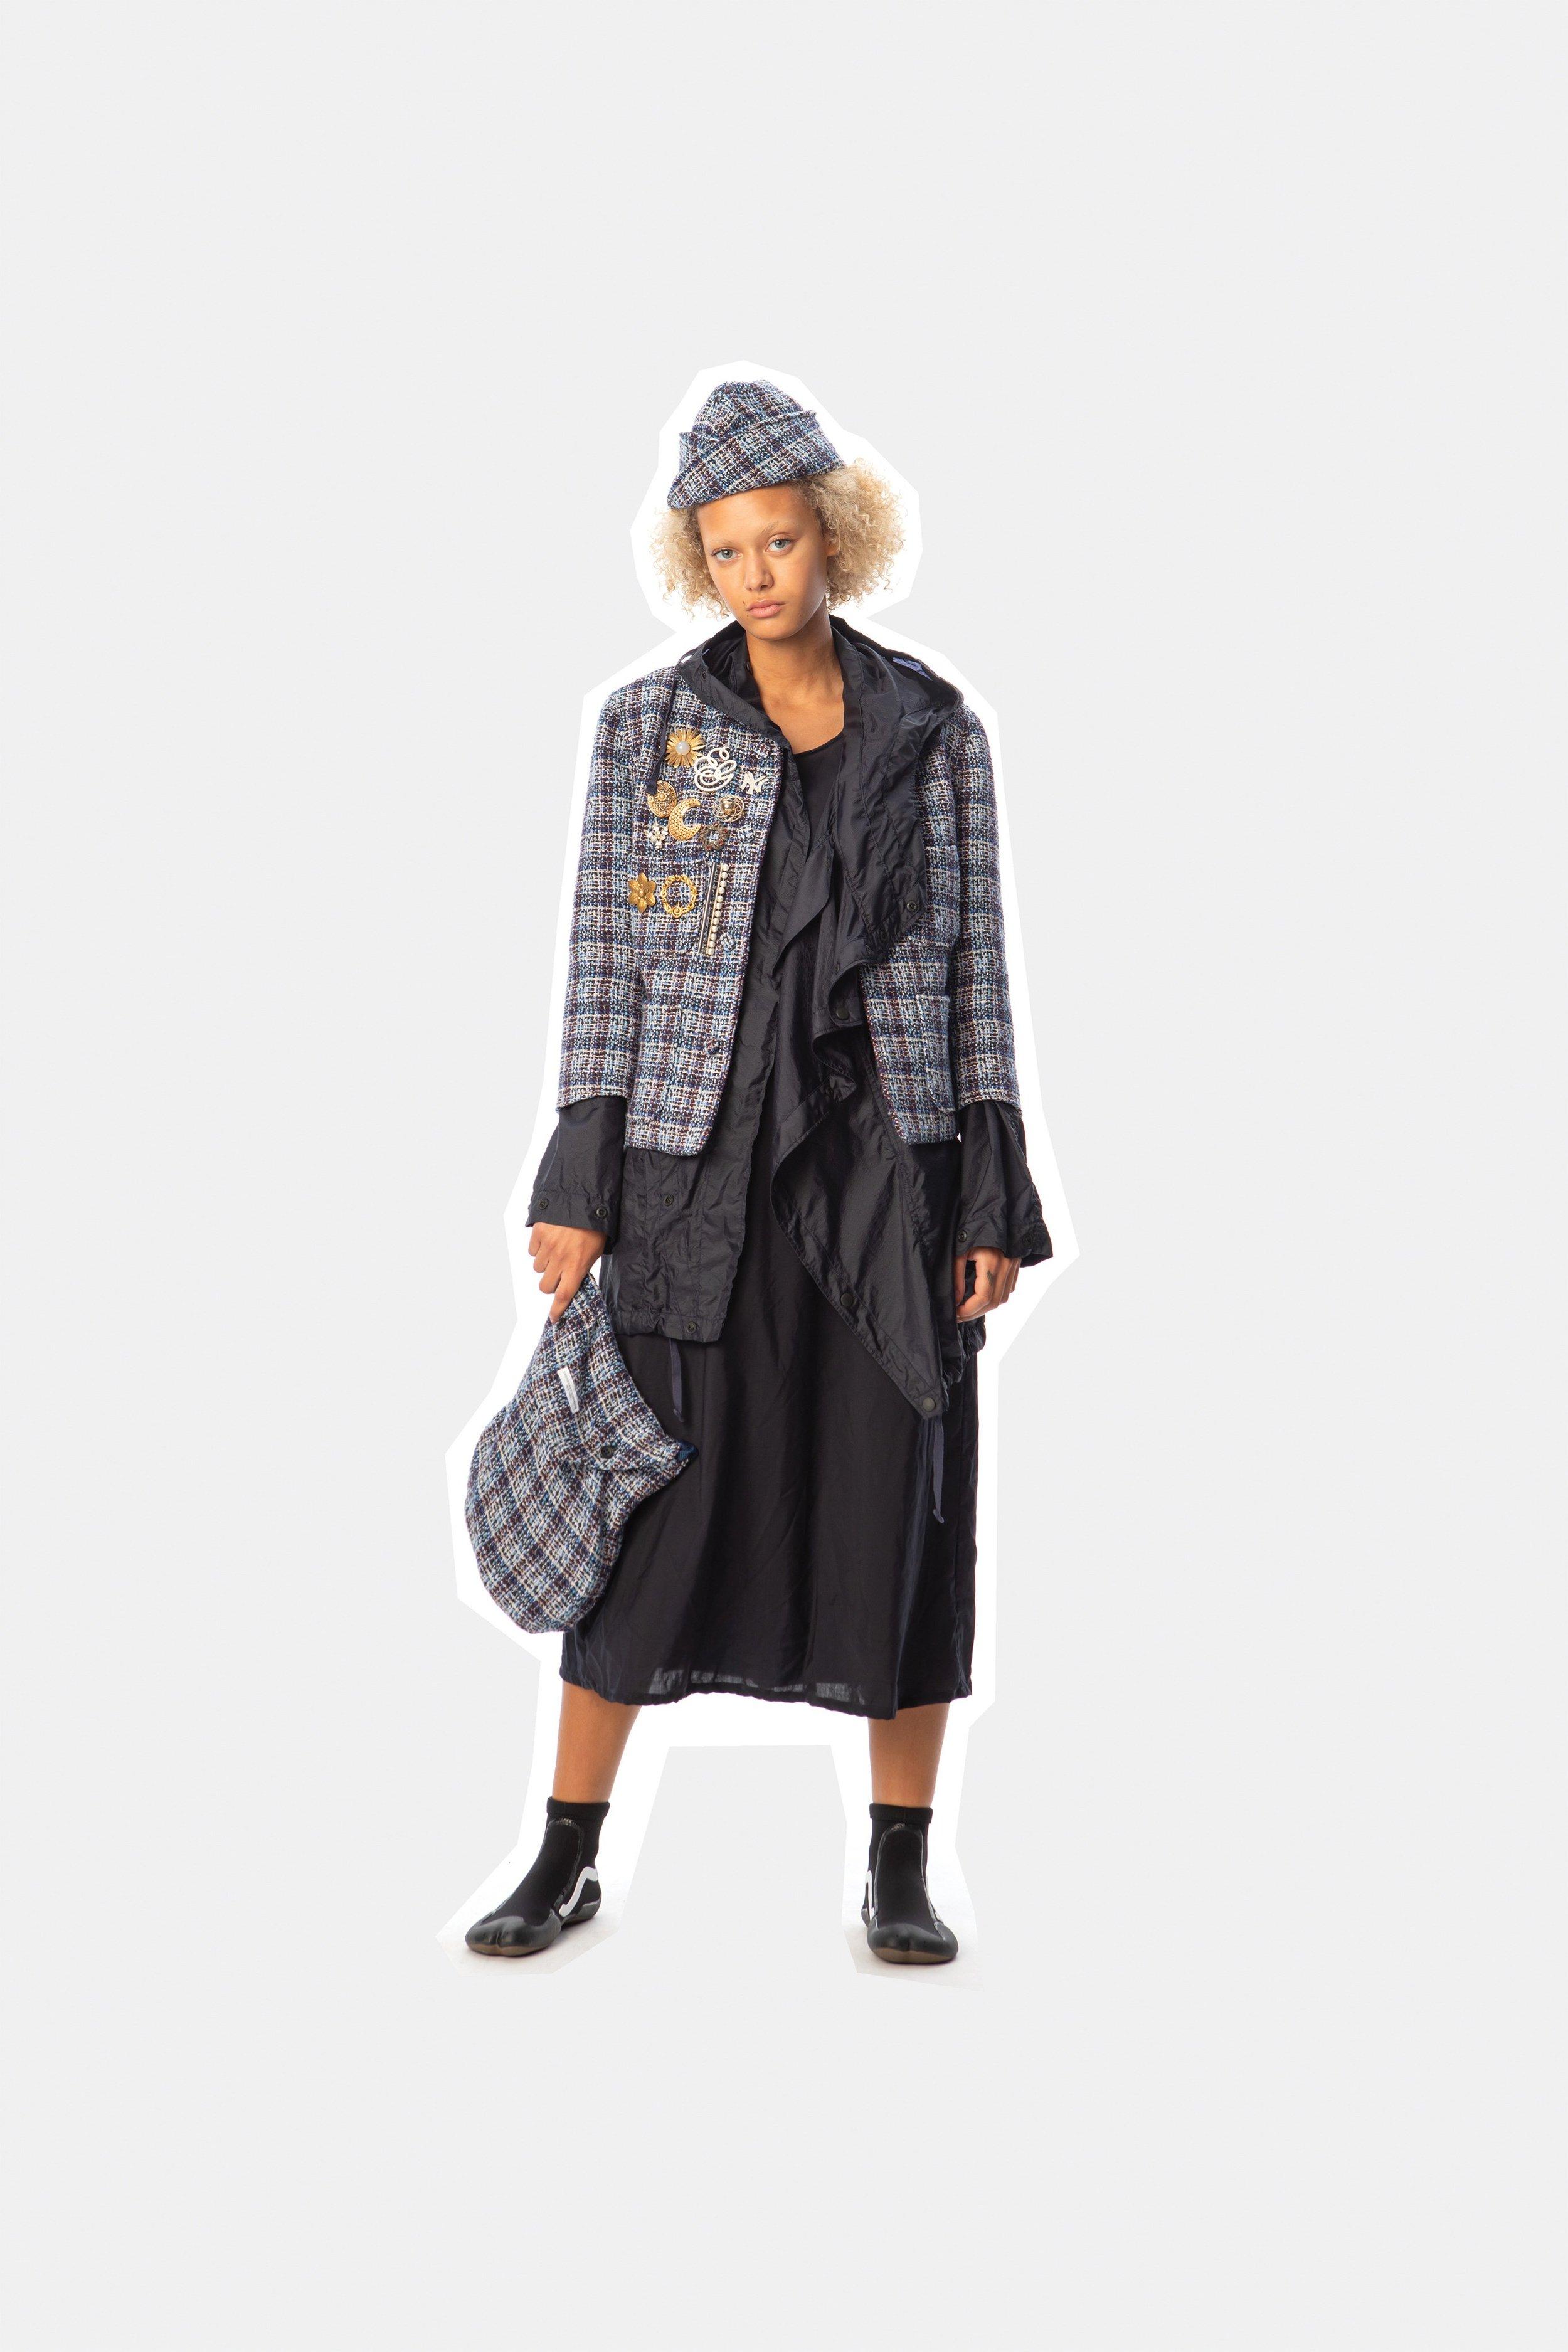 00006-Engineered-Garments-Mens-Spring-2020.jpg